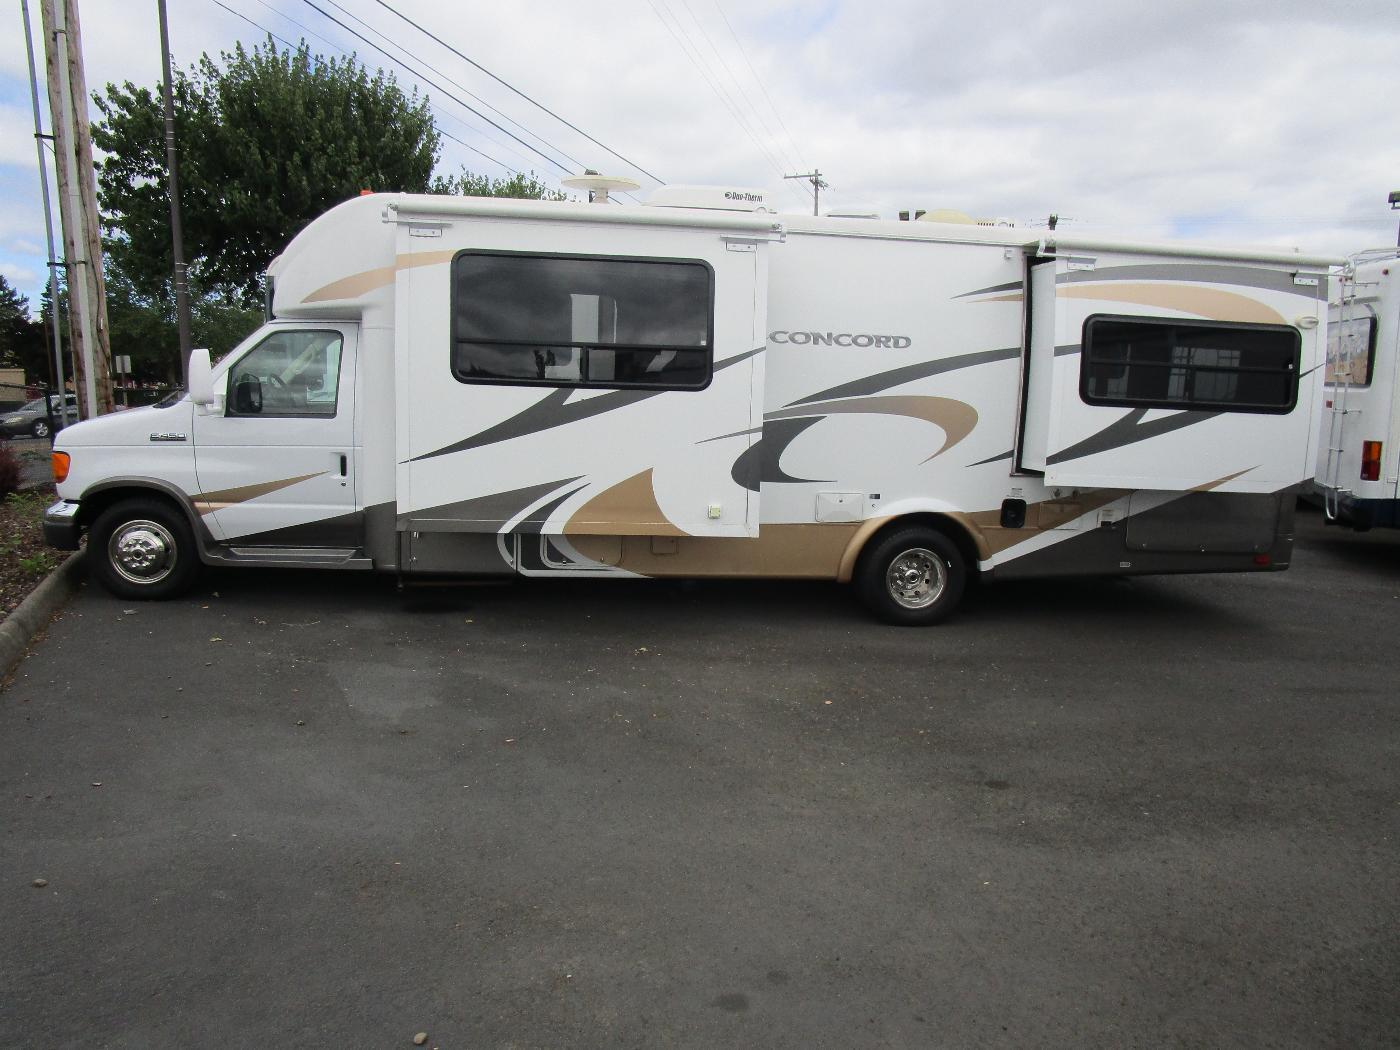 Used, 2007, Coachmen, CONCORD 275DSO, RV - Class B